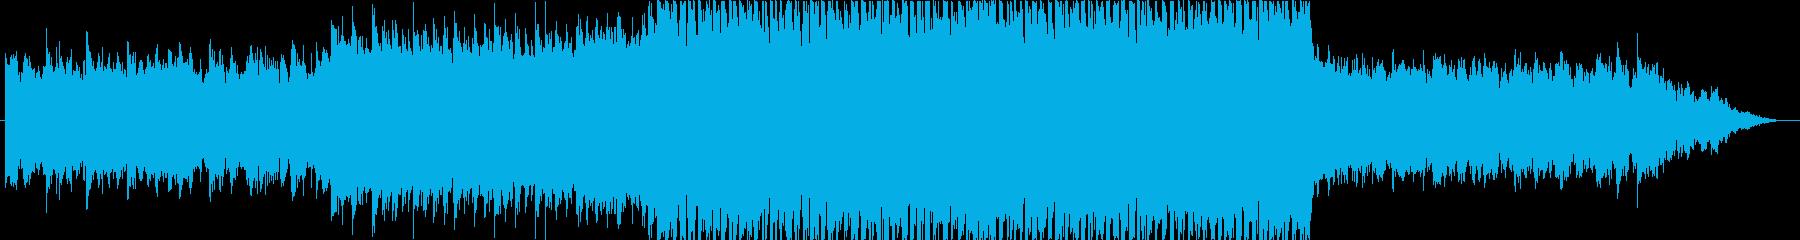 【BGM】和風FutureBassの再生済みの波形